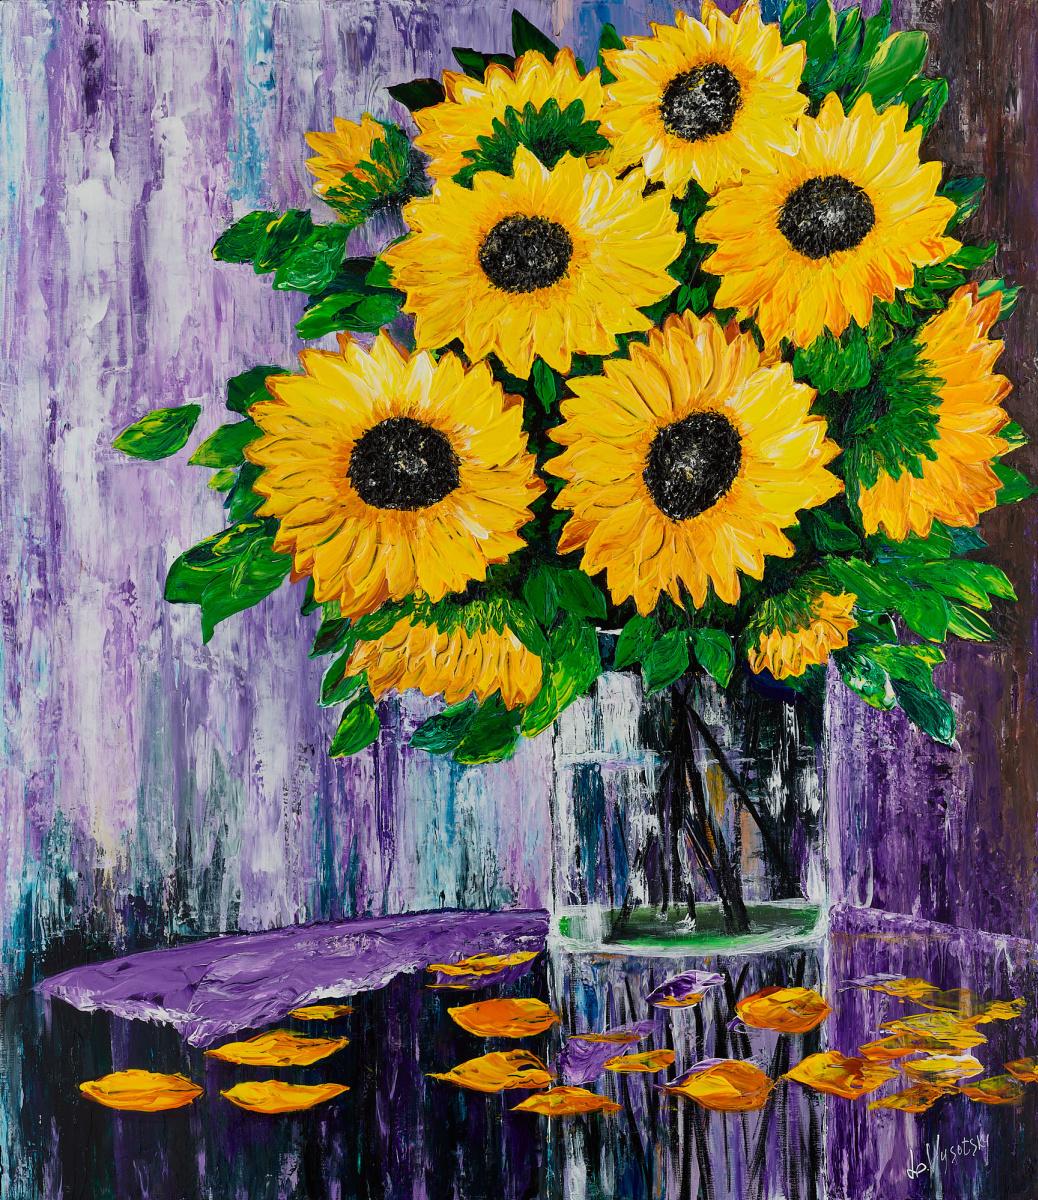 Leda Vysotsky. Sunflowers